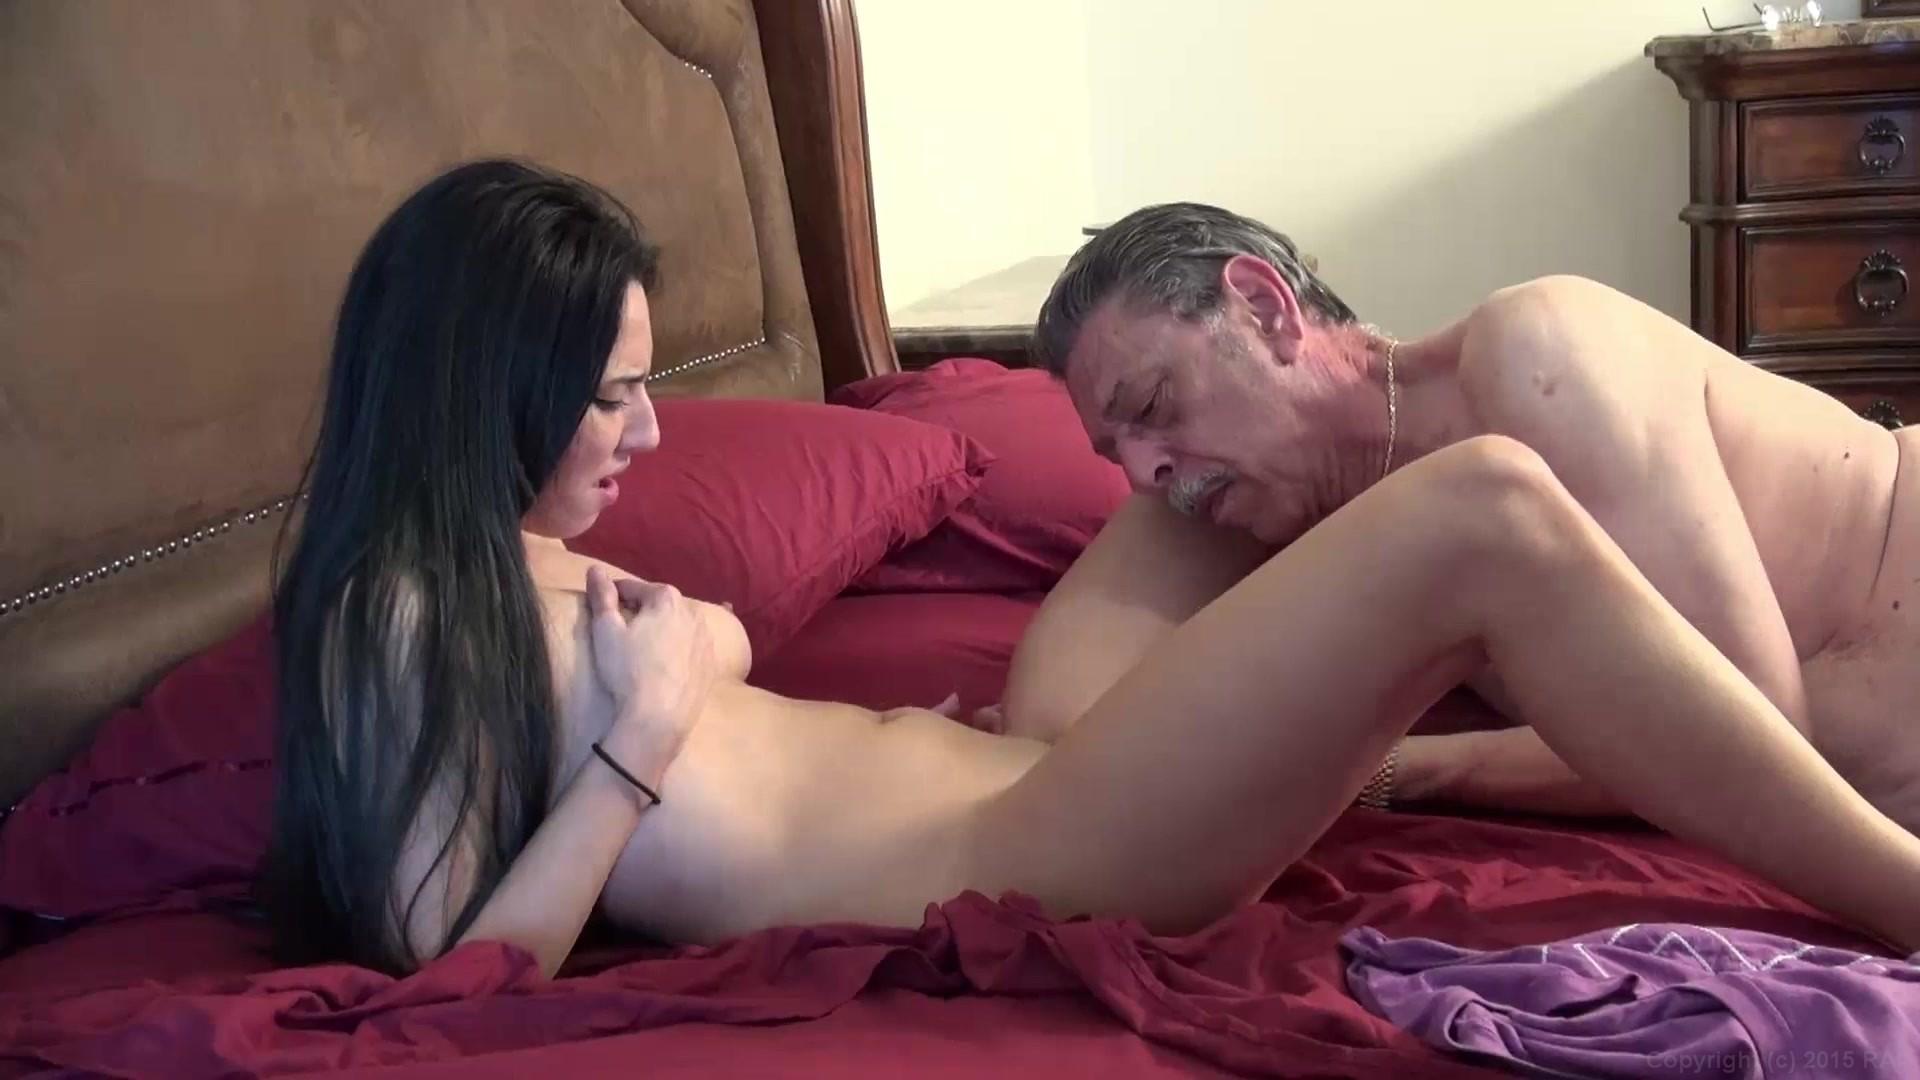 Mif Porn Movies video adult grandpa milf porn - bikini tight ass